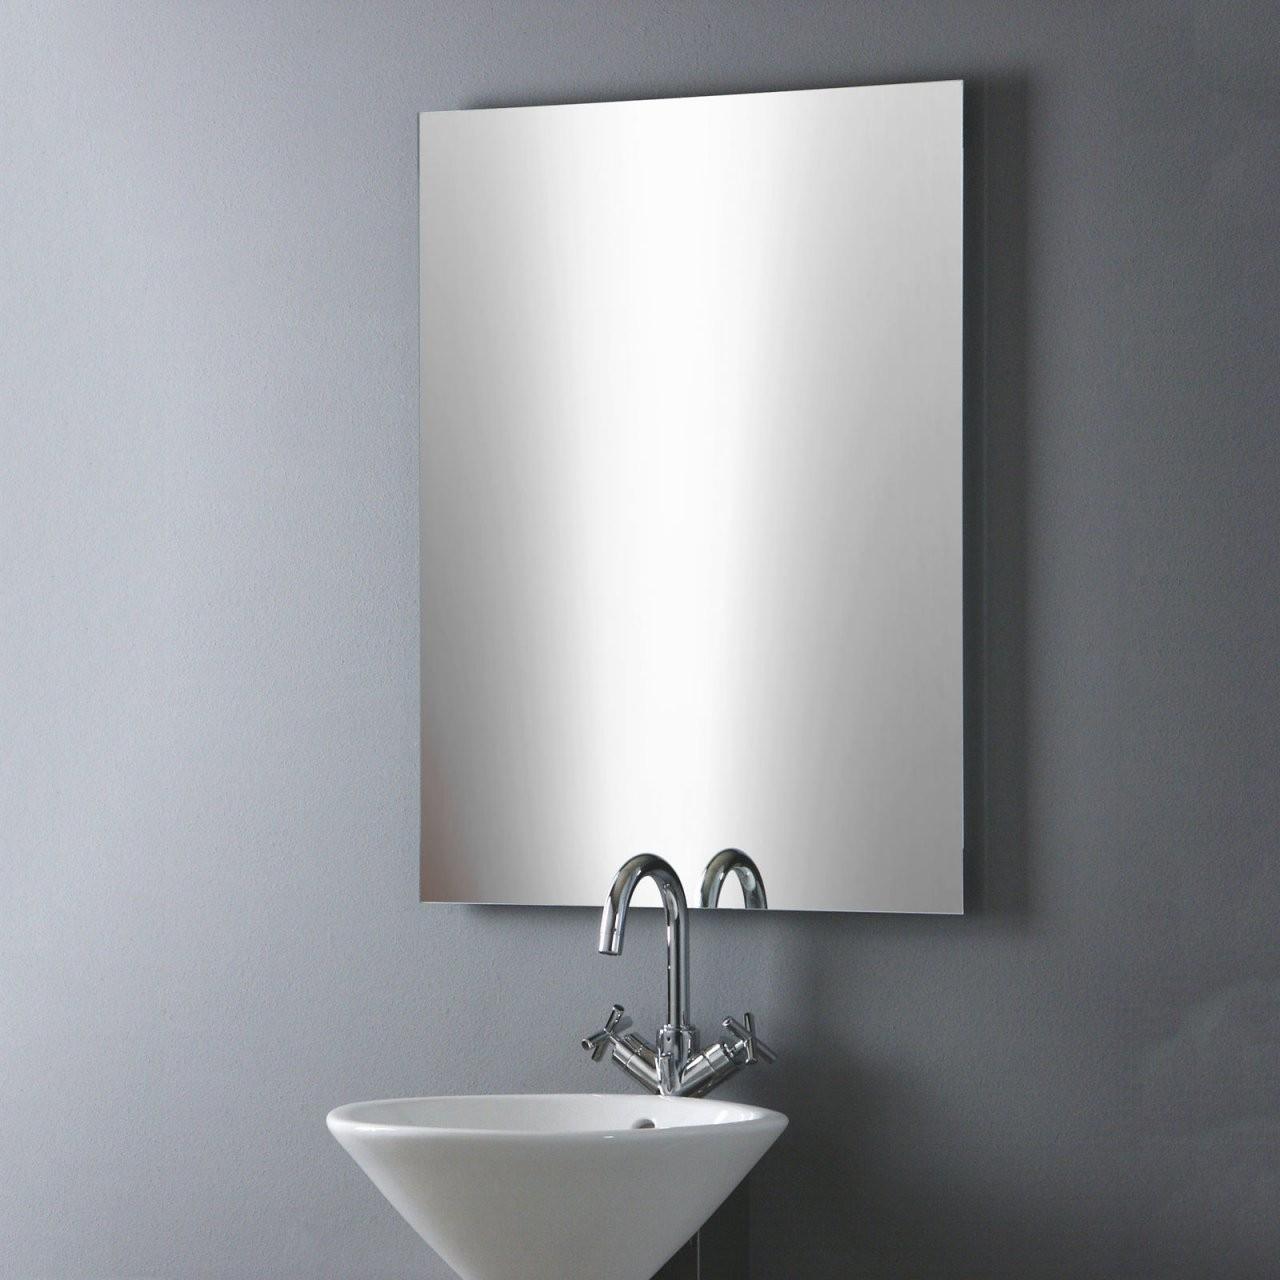 Spiegel Nach Maß Und Hochwertige Badbeleuchtung Ab Werk von Led Spiegel Mit Steckdose Bild